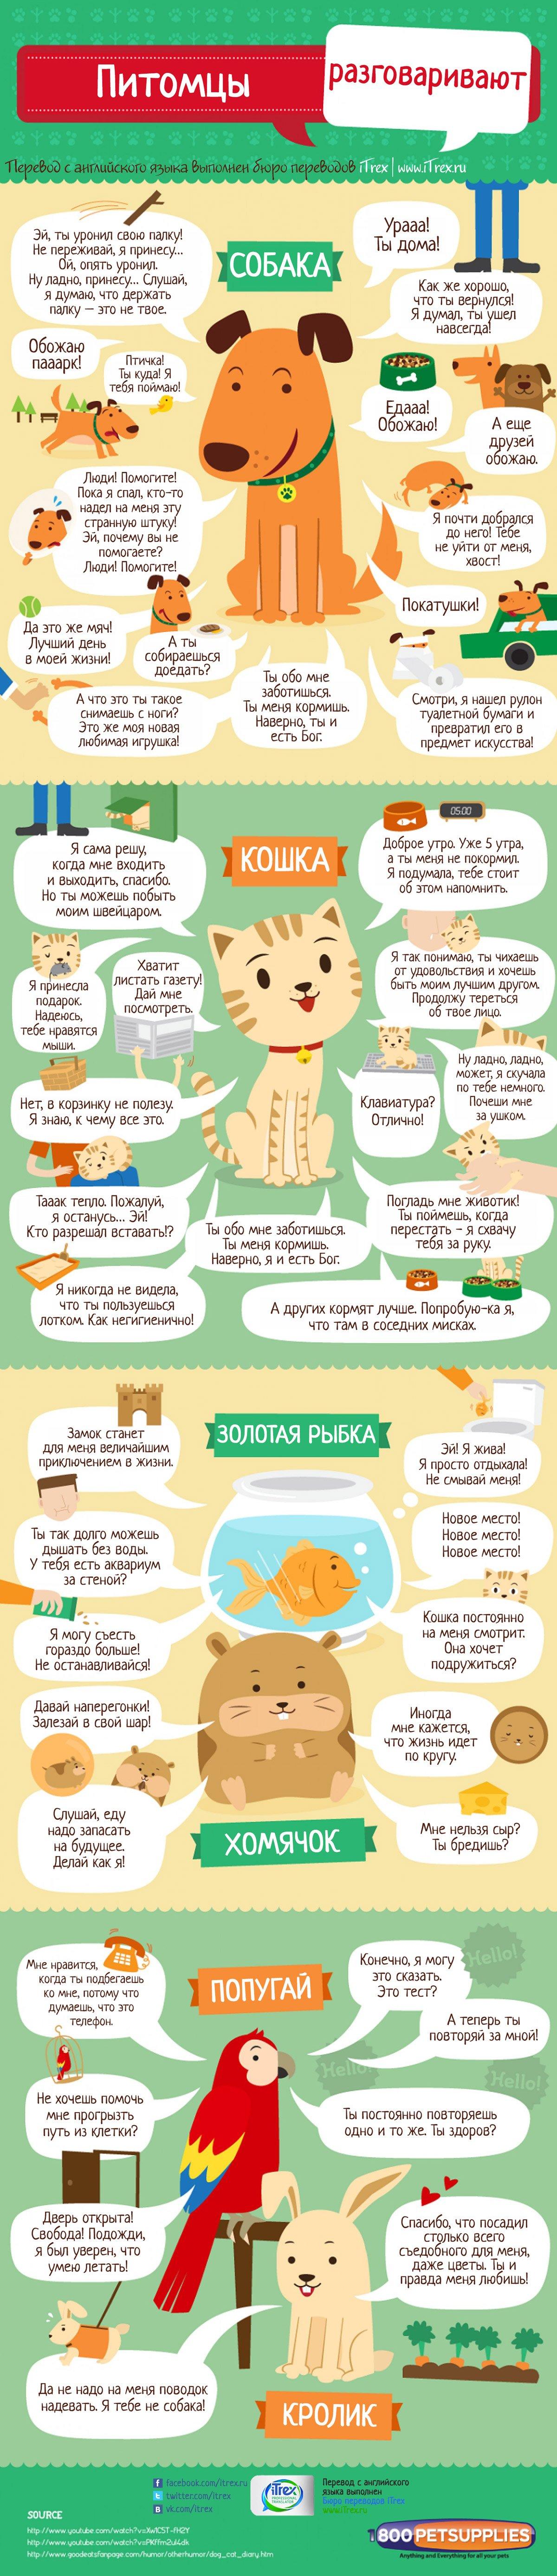 Перевод сделан в Бюро переводов iTrex, Москва: Питомцы разговаривают